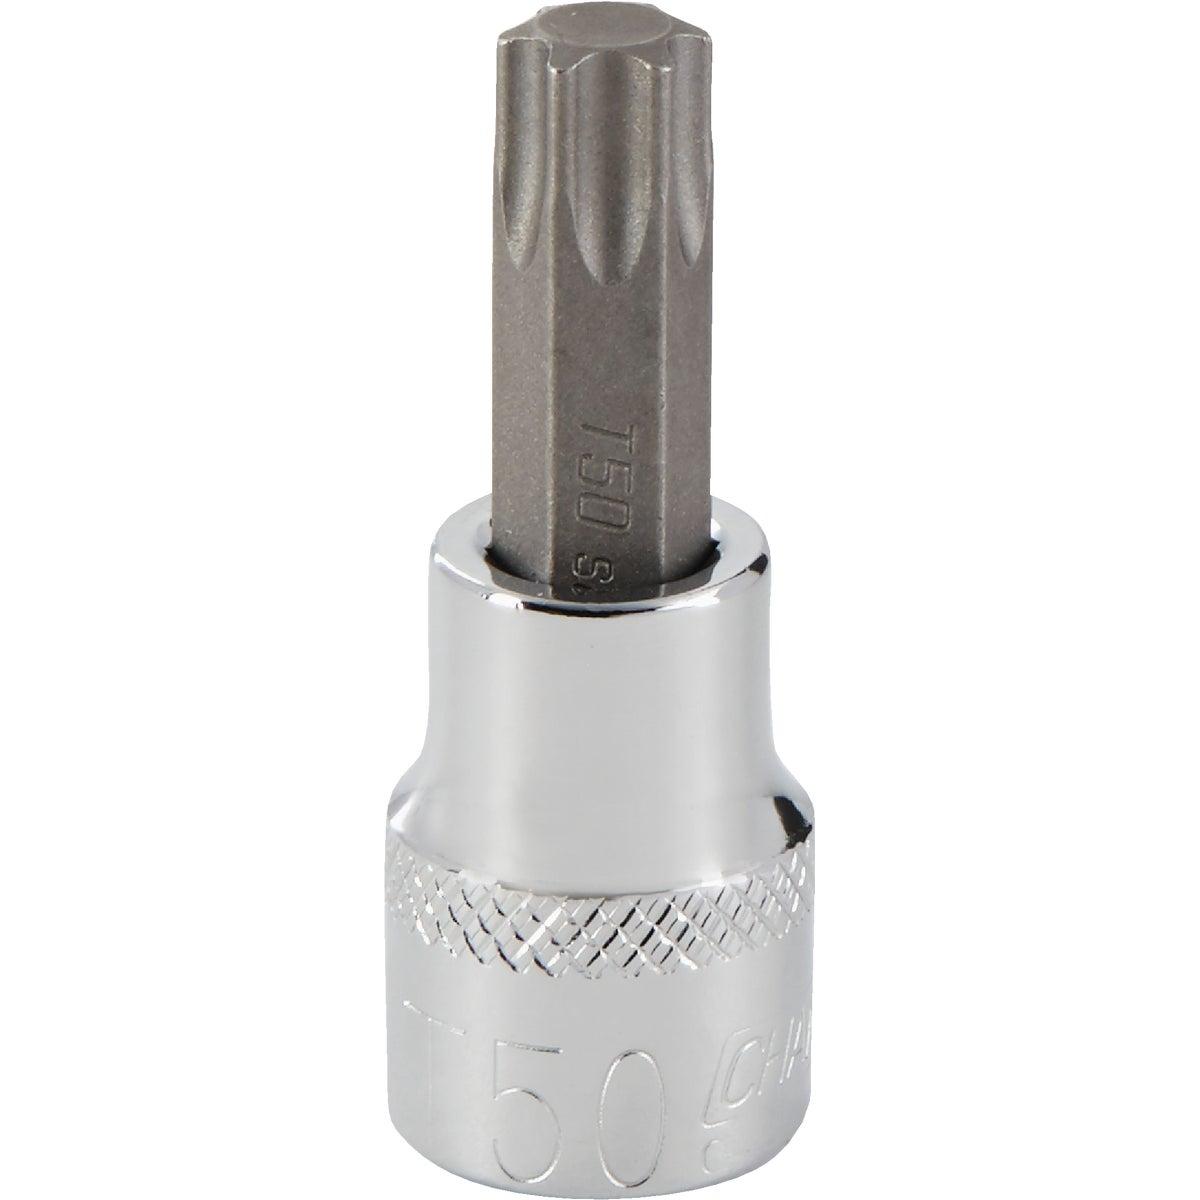 Best Way Tools T50 TORX BIT SOCKET 370339